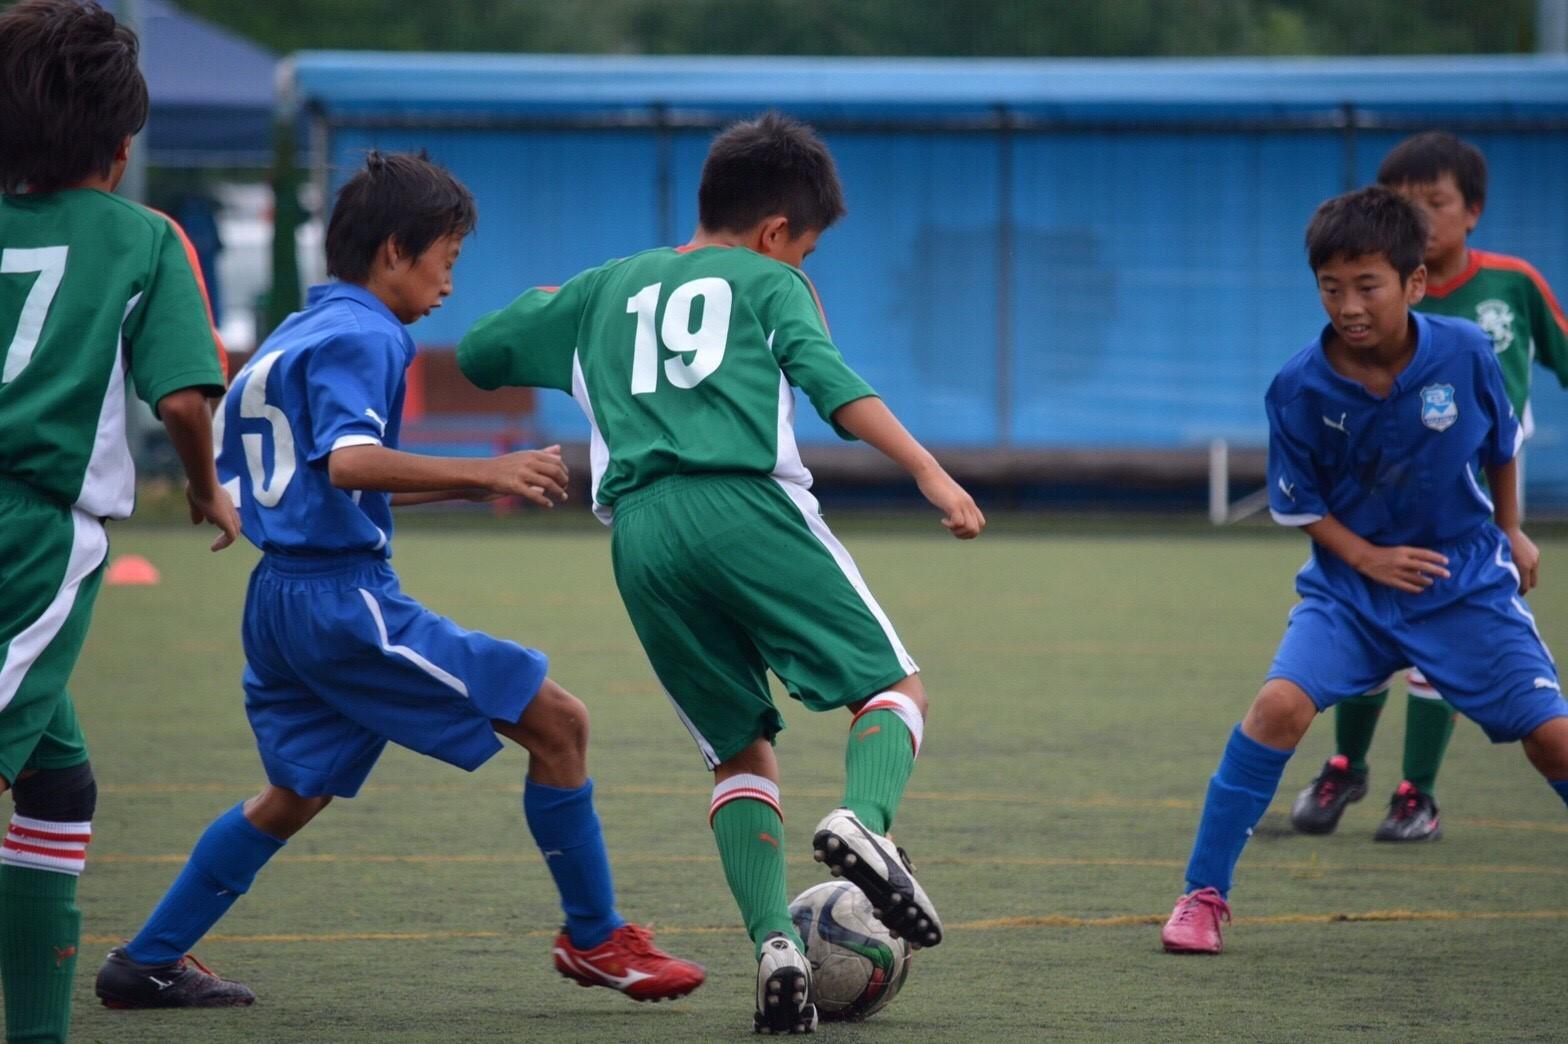 8/12〜8/14 宿泊遠征 U-11B アスルクラロ Summer CUP